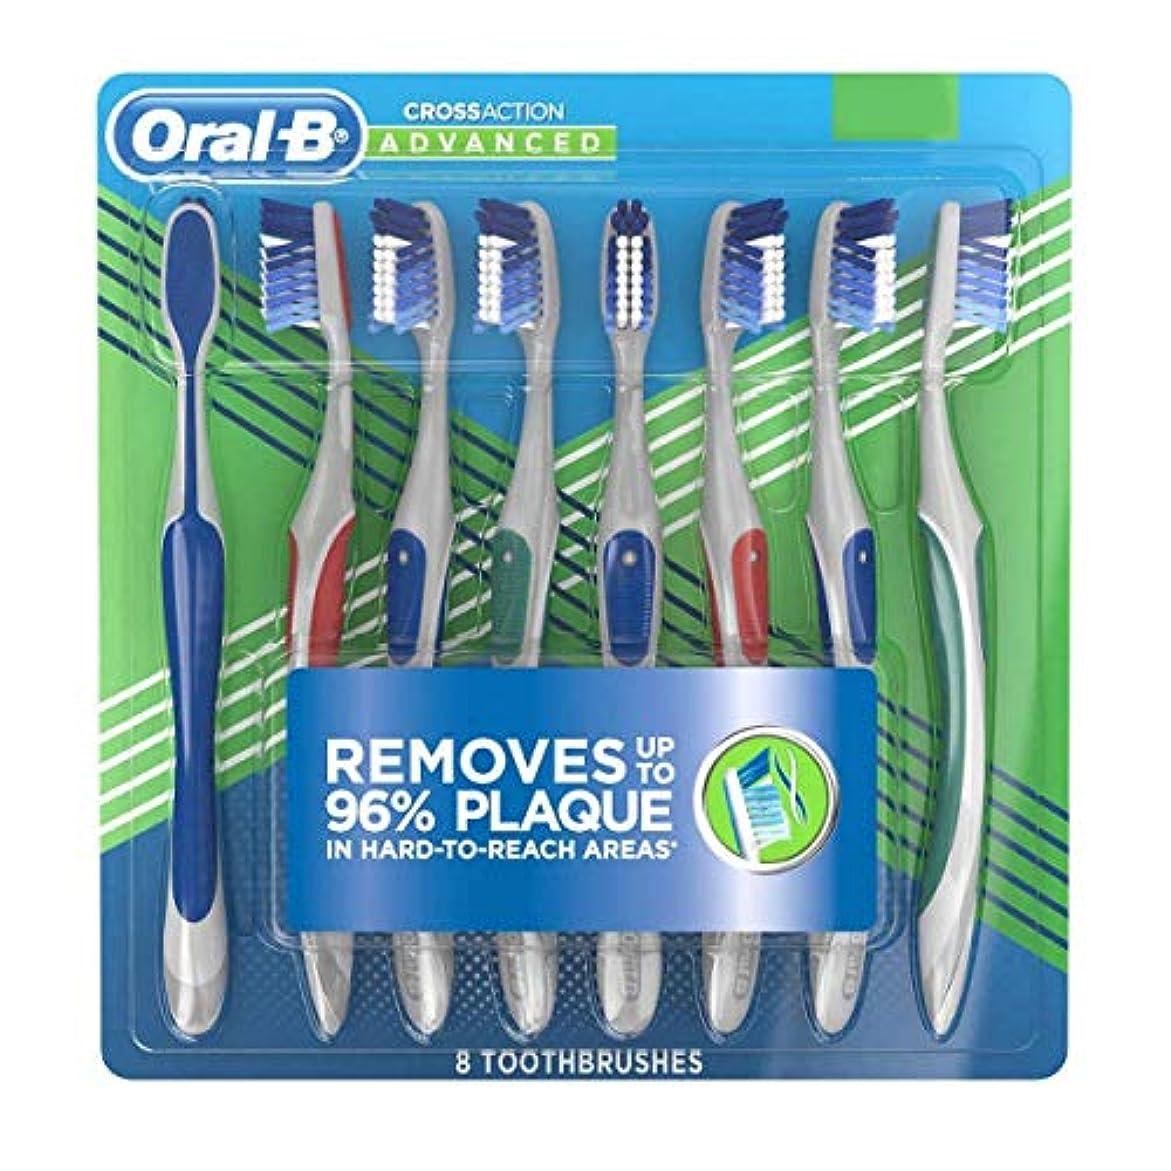 候補者武装解除振るうOral-B Pro-Health Cross Action Advanced Toothbrush 8-pack SOFT オーラルB プロヘルス クロスアクション アドバンスド 歯ブラシ8本セット(ソフトタイプ)